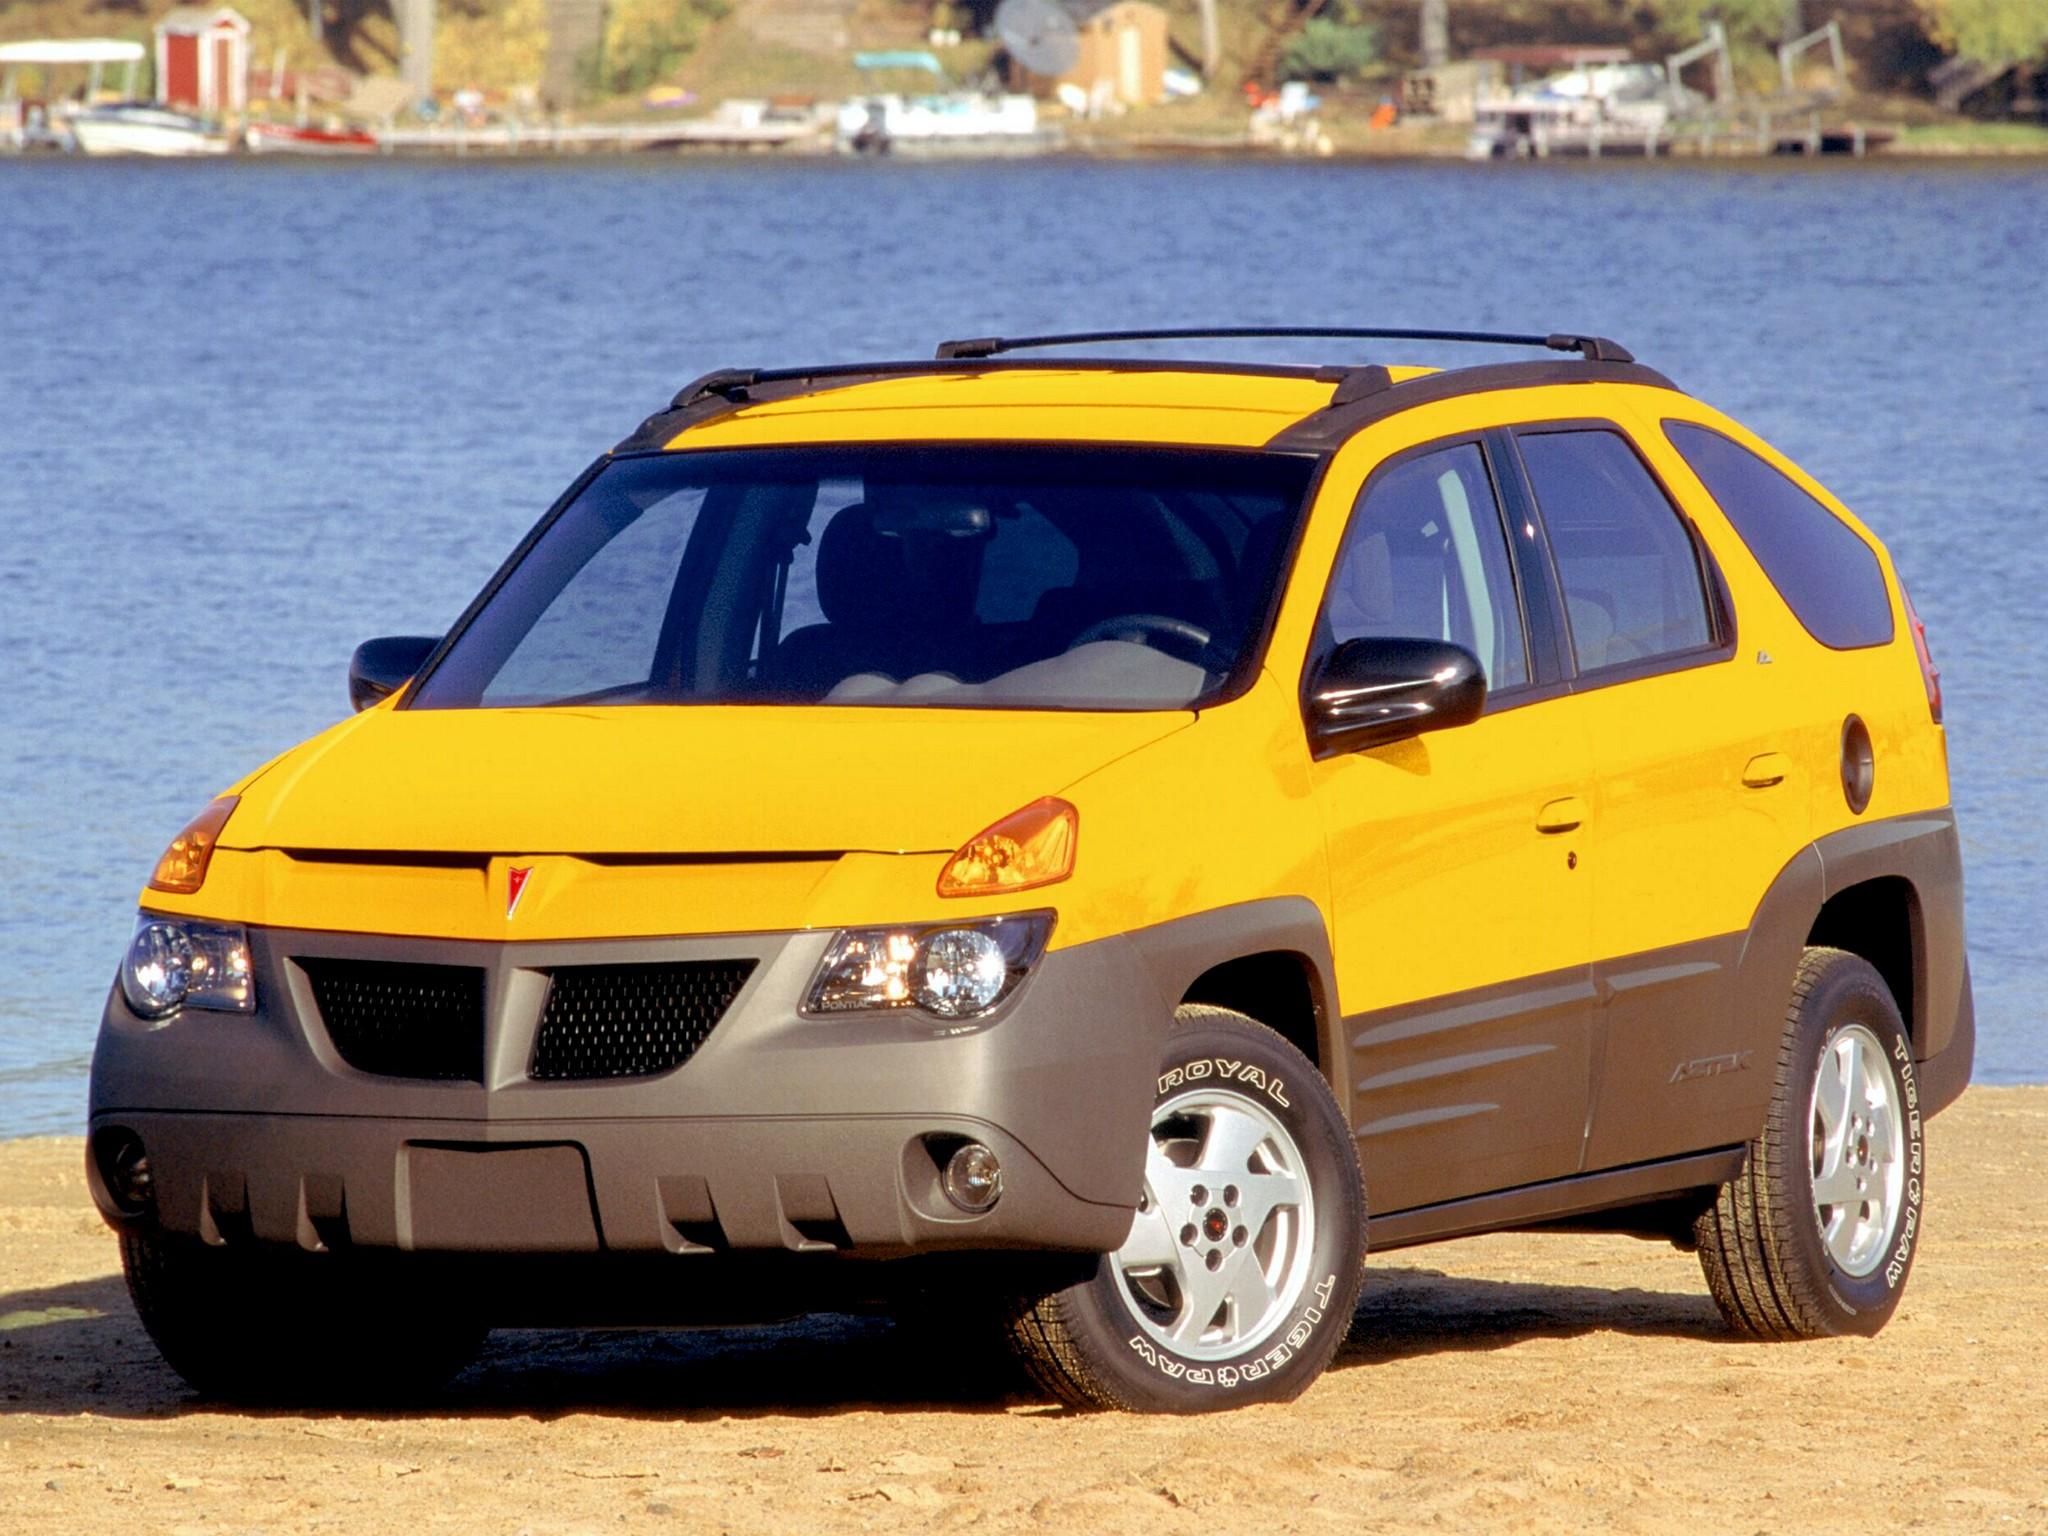 Az Auto Parts >> PONTIAC Aztek specs - 2000, 2001, 2002, 2003, 2004, 2005 ...